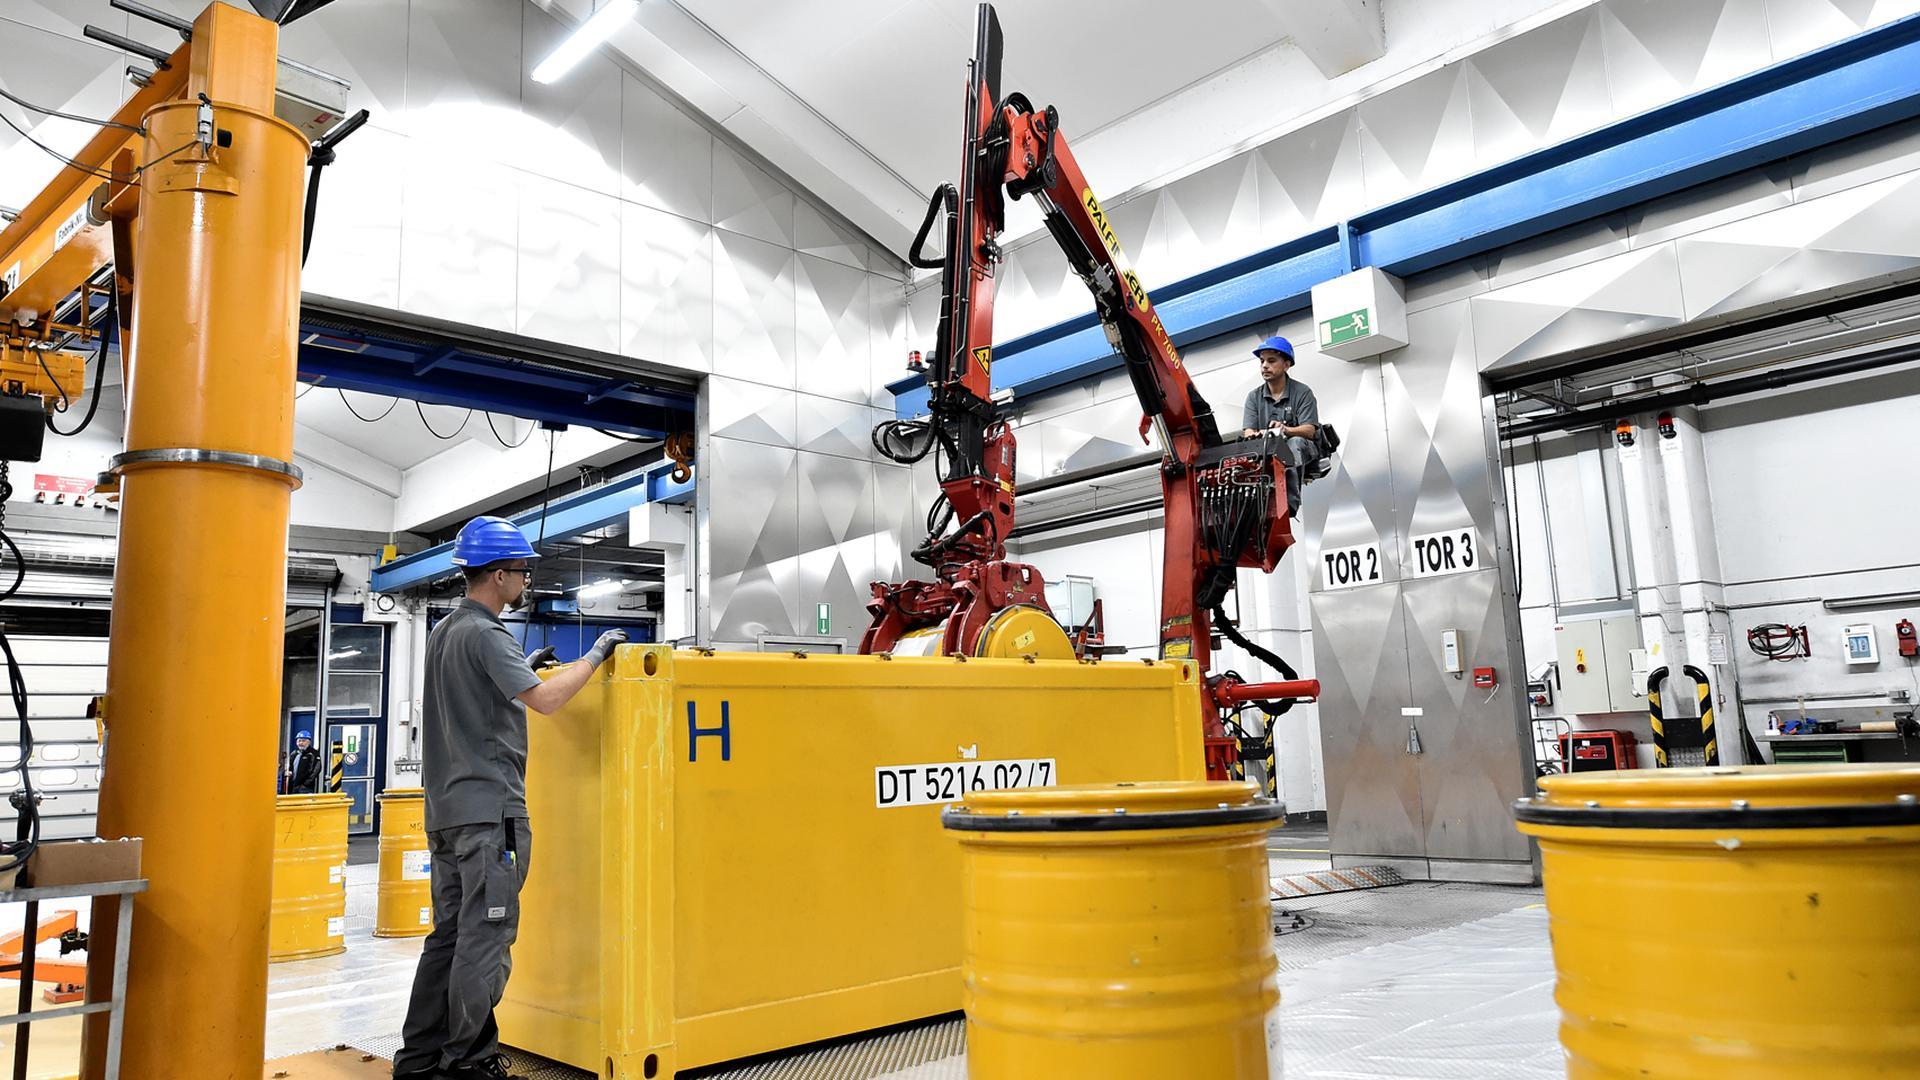 Bei der KTE wird aus Sicherheitsgründen jedes Fass mit Atommüll regelmäßig aus dem Container herausgeholt und kontrolliert, ob Korrosionsspuren zu sehen sind. Rostende Fässer werden teils umgefüllt, teils in größere, neue Fässer gestellt.